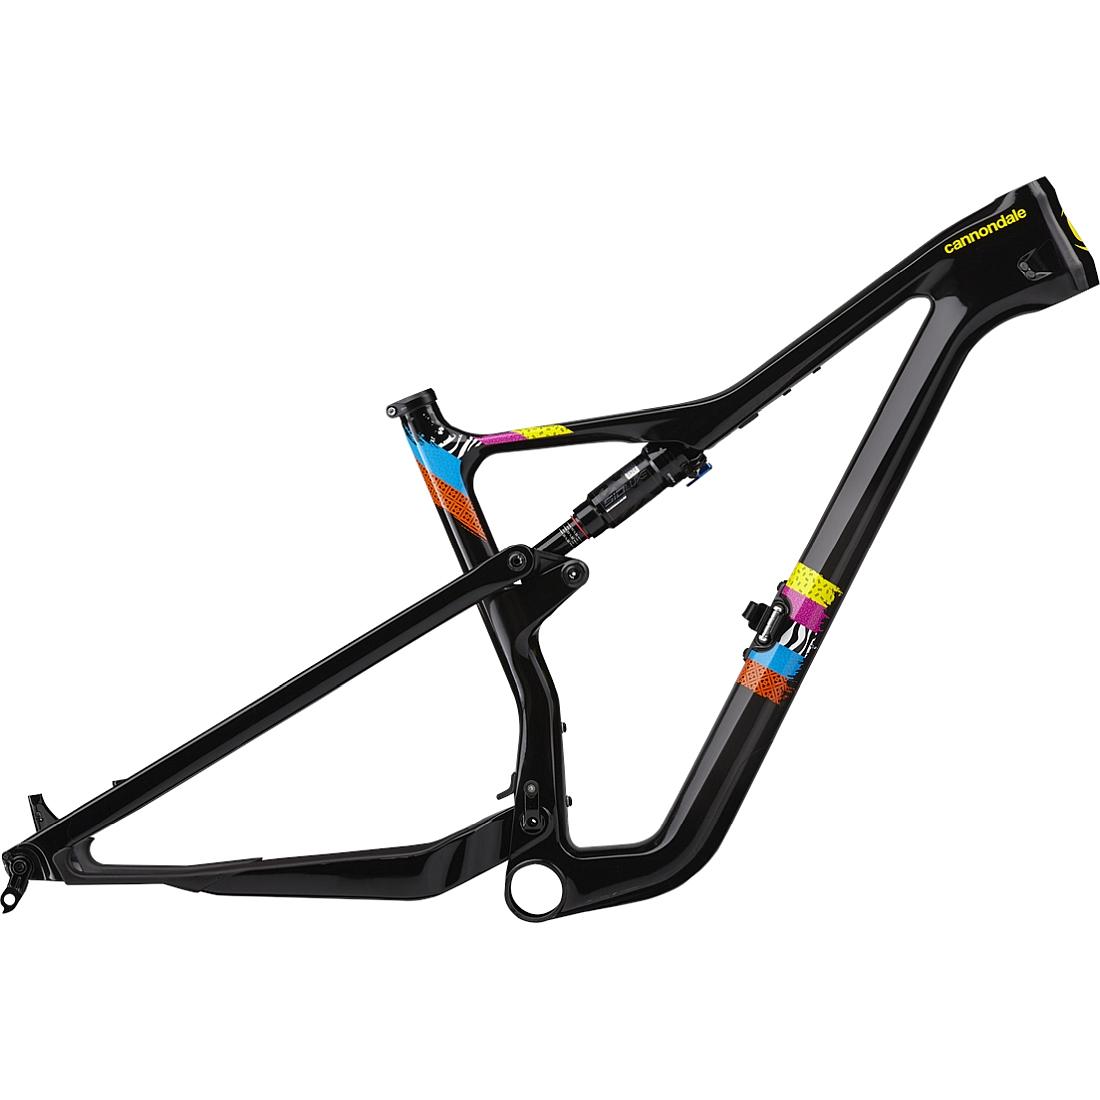 """Produktbild von Cannondale SCALPEL SE HI-MOD Carbon - 29"""" MTB Rahmen - 2021 - WOW"""